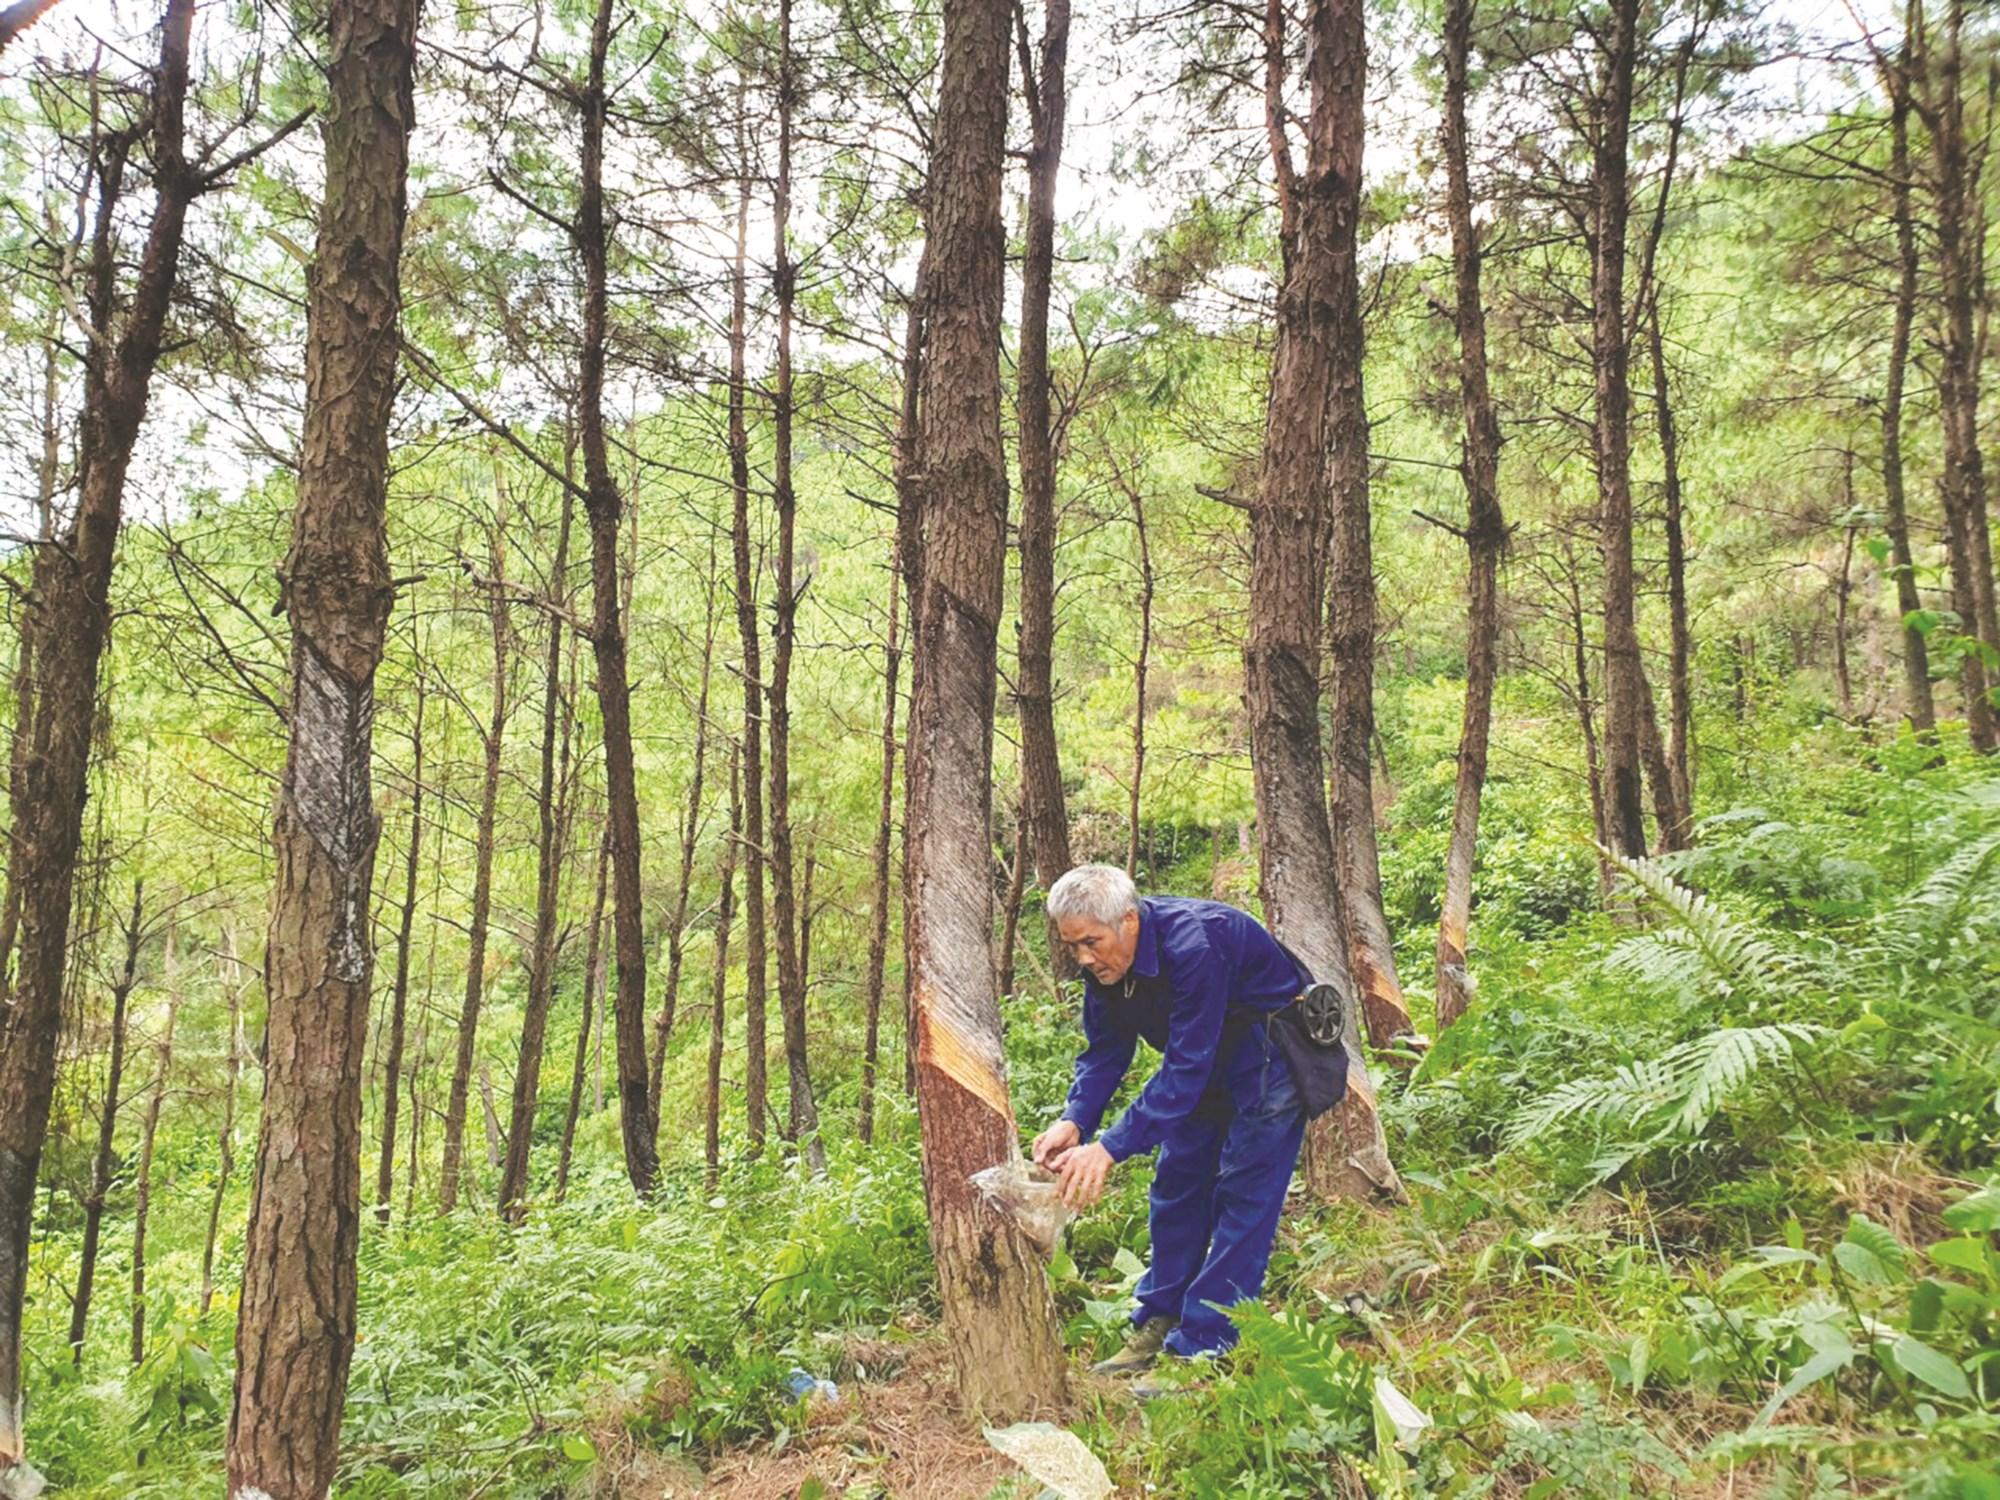 Mỗi năm, người dân trồng rừng thu nhập hàng trăm triệu đồng từ bán nhựa thông và gỗ bóc.